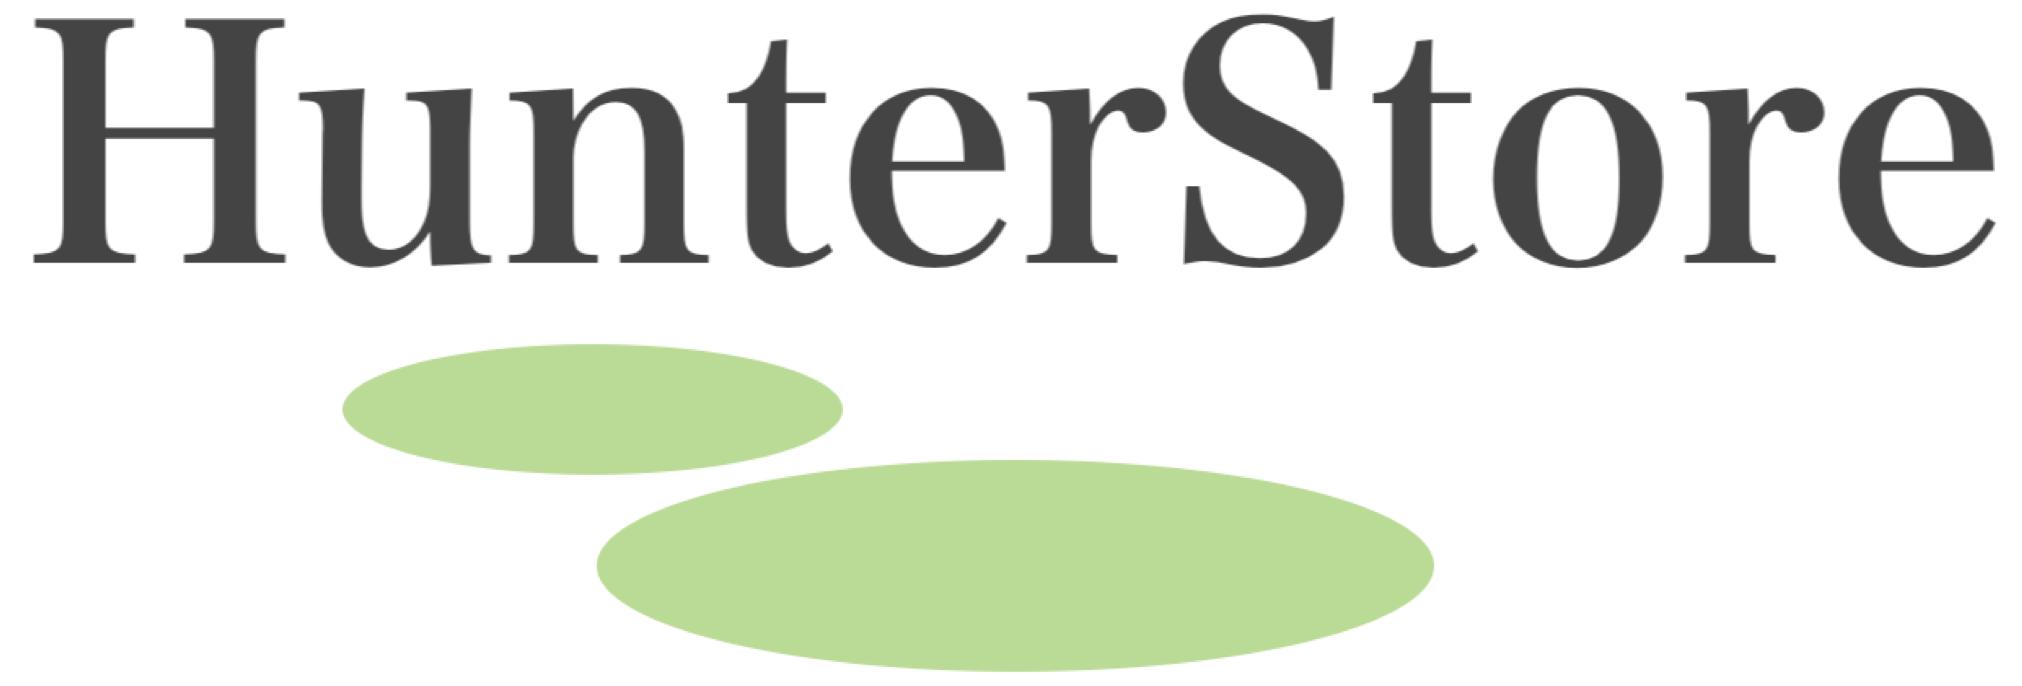 ハンター正規輸入品 ハンターストア